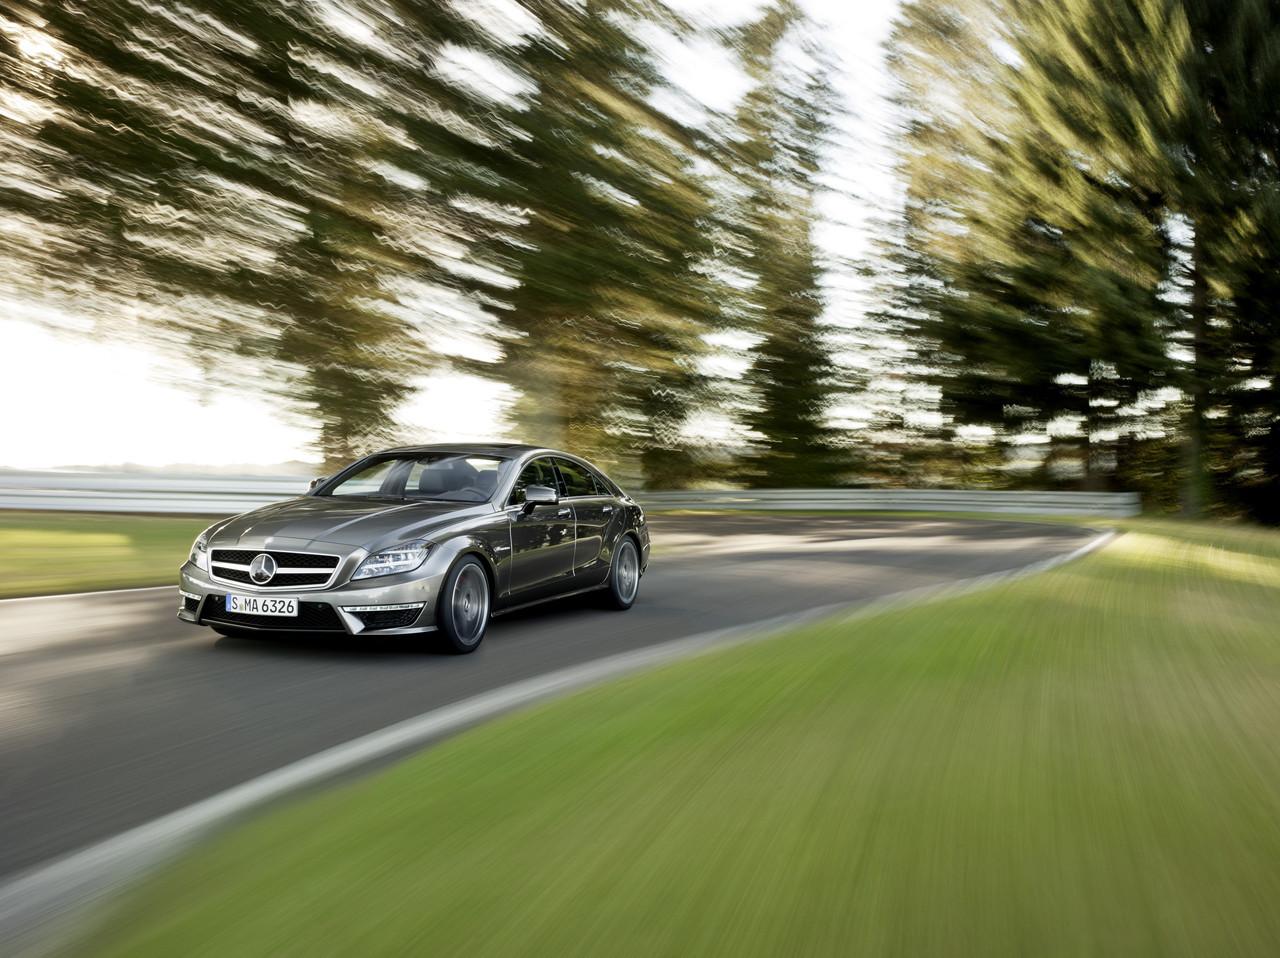 Foto de Mercedes CLS 63 AMG 2011 (15/30)